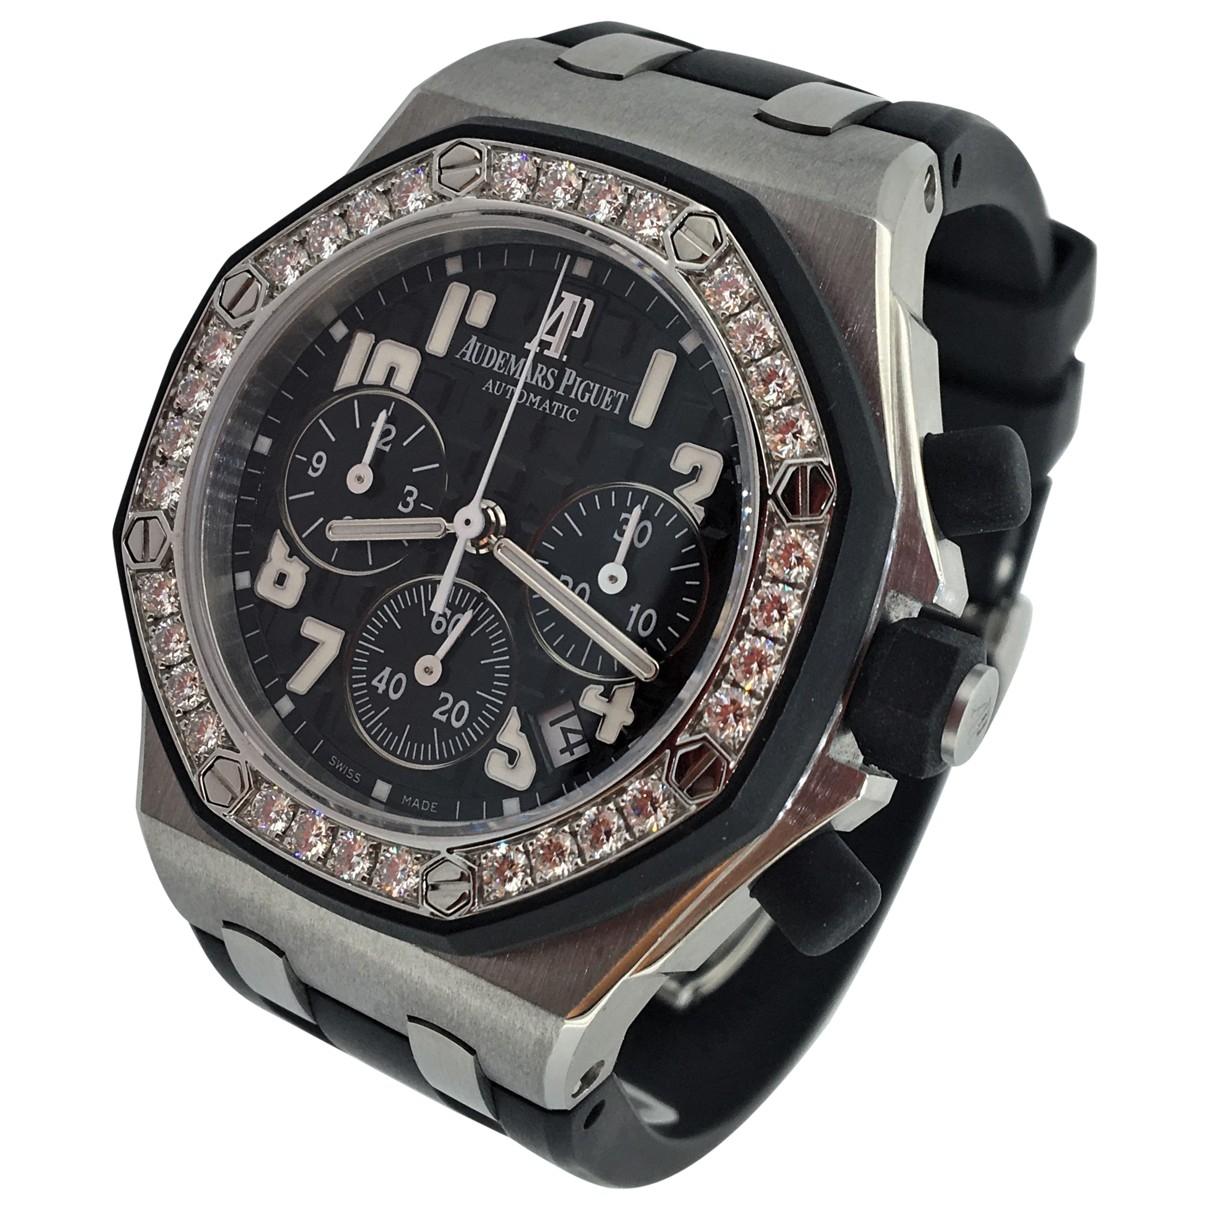 Audemars Piguet Royal Oak Offshore Uhr in  Schwarz Stahl